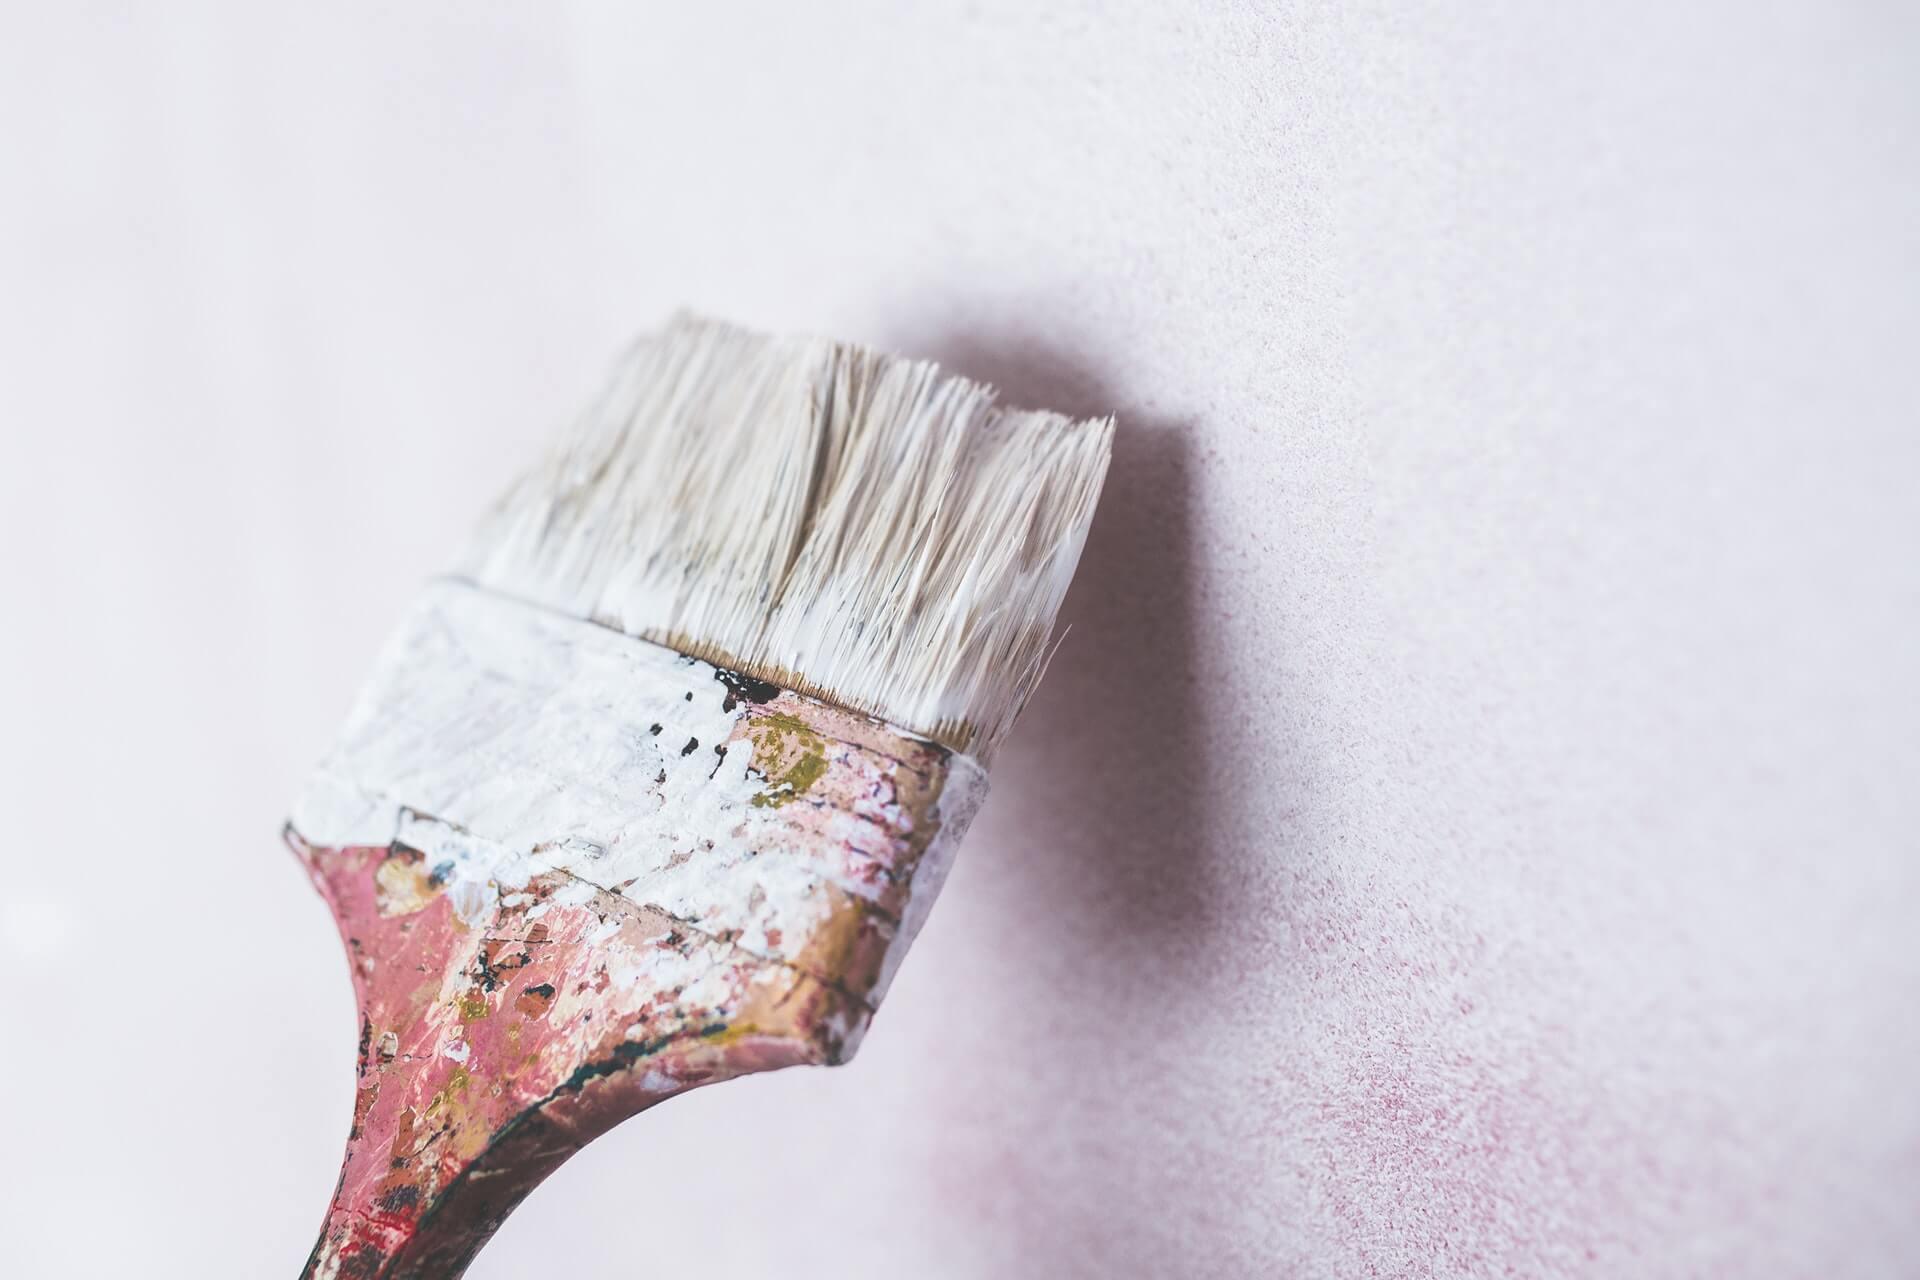 צביעת קירות - צבע, סיד, שפכטל ומה שביניהם